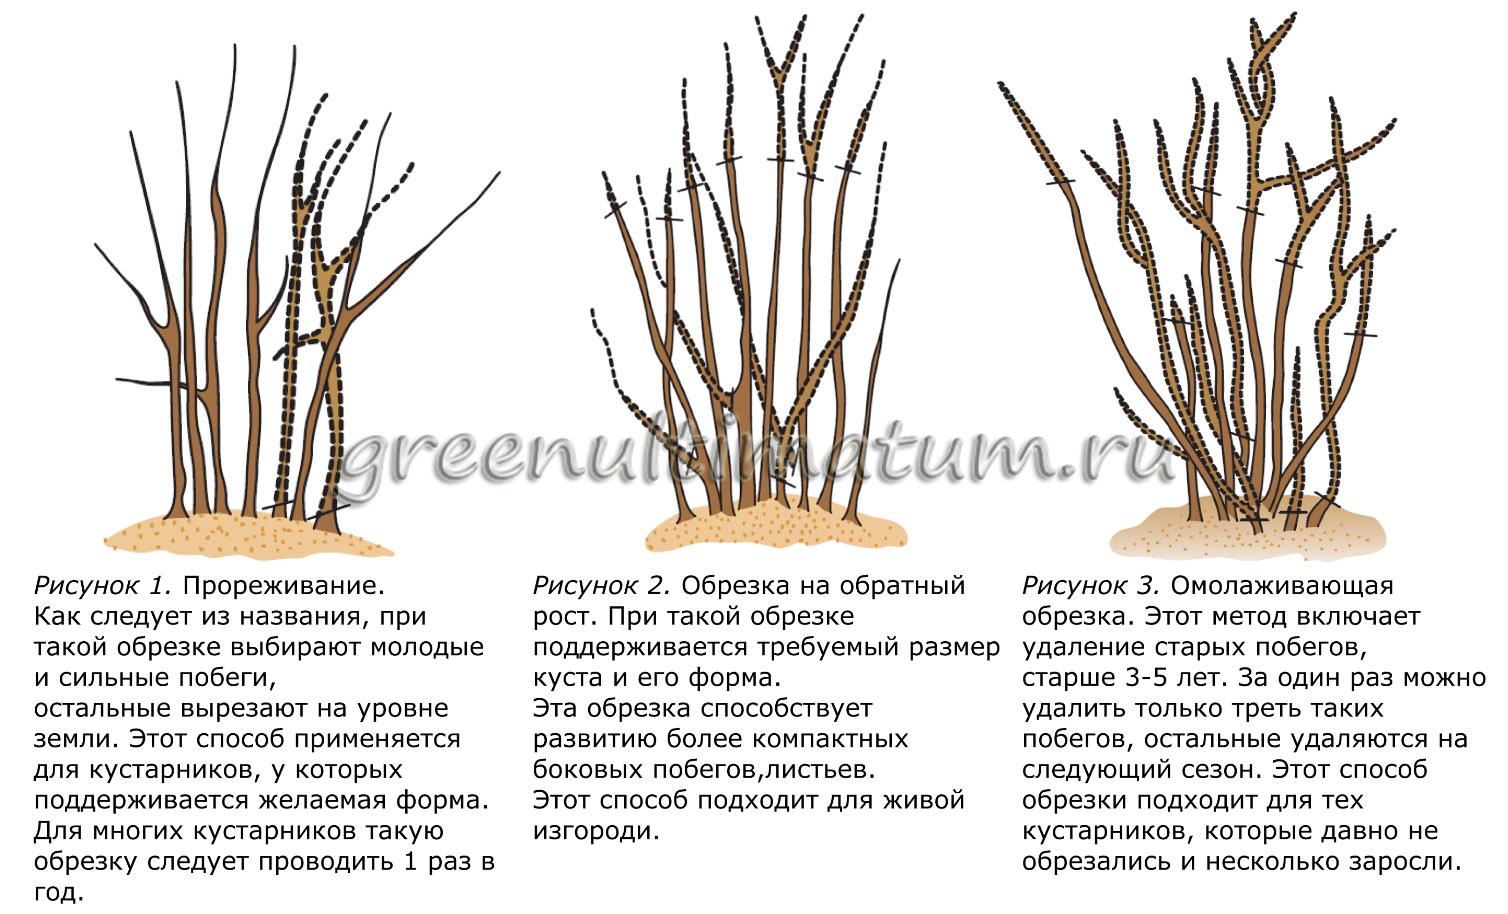 Обрезка старых кустов смородины осенью схема